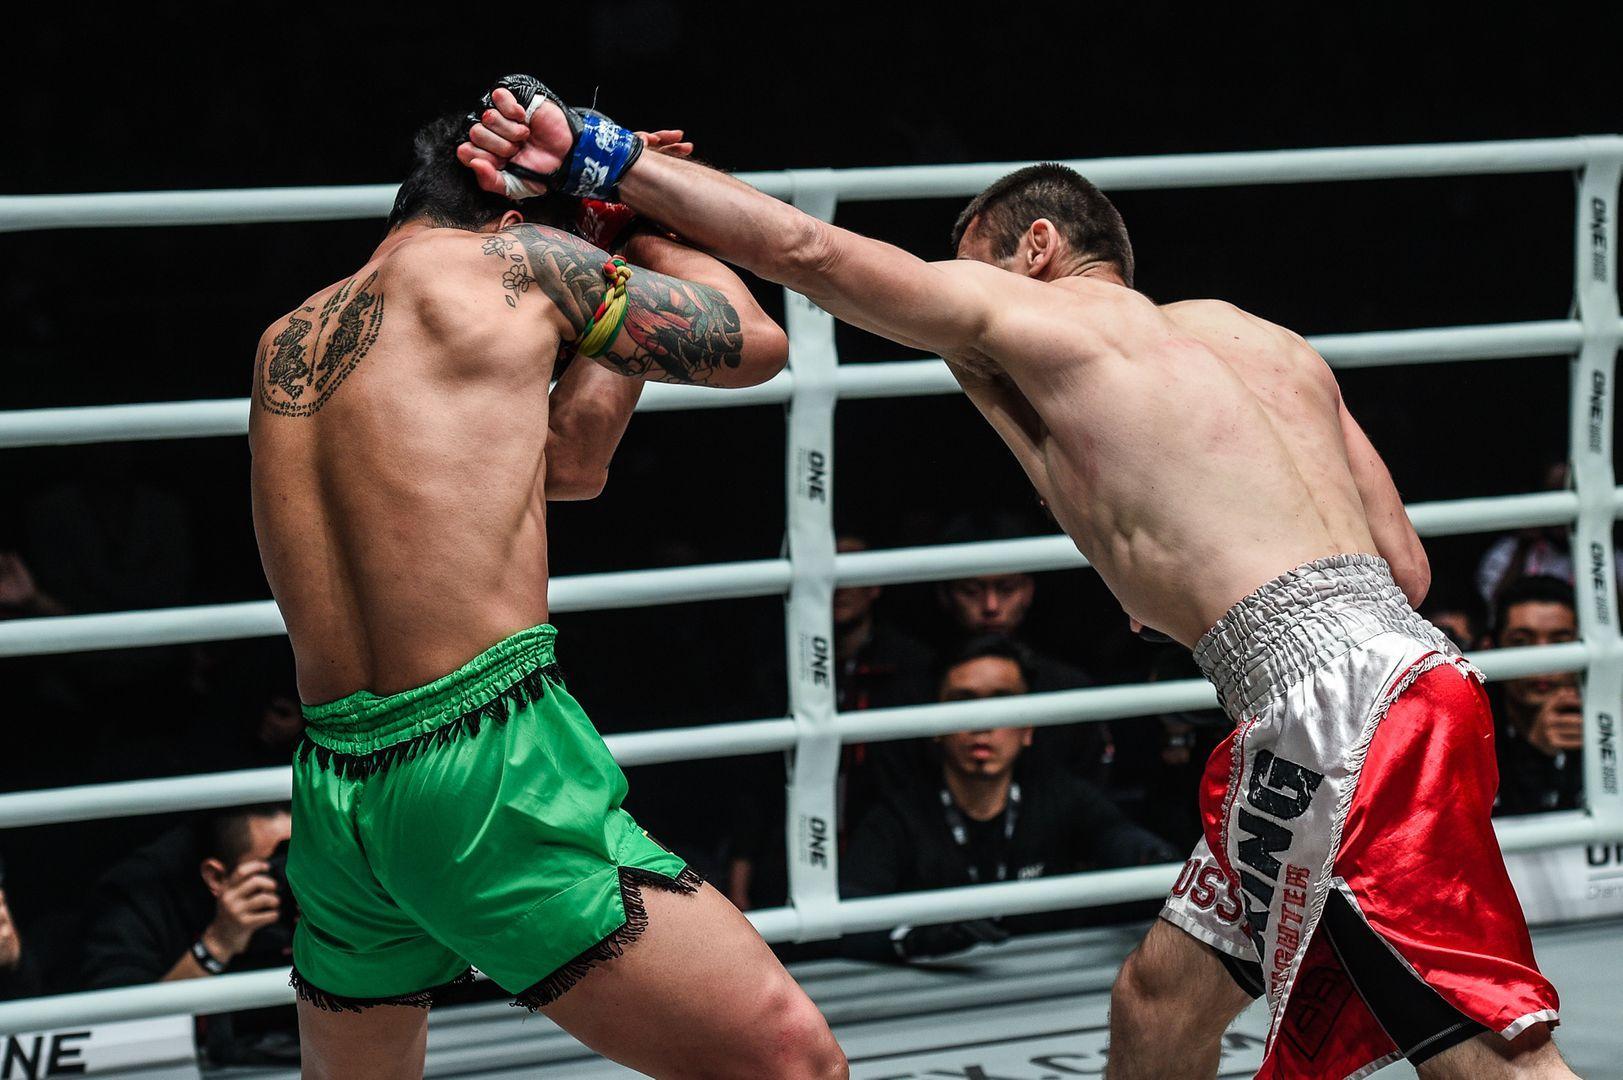 Jamal Yusupov attacks Yodsanklai